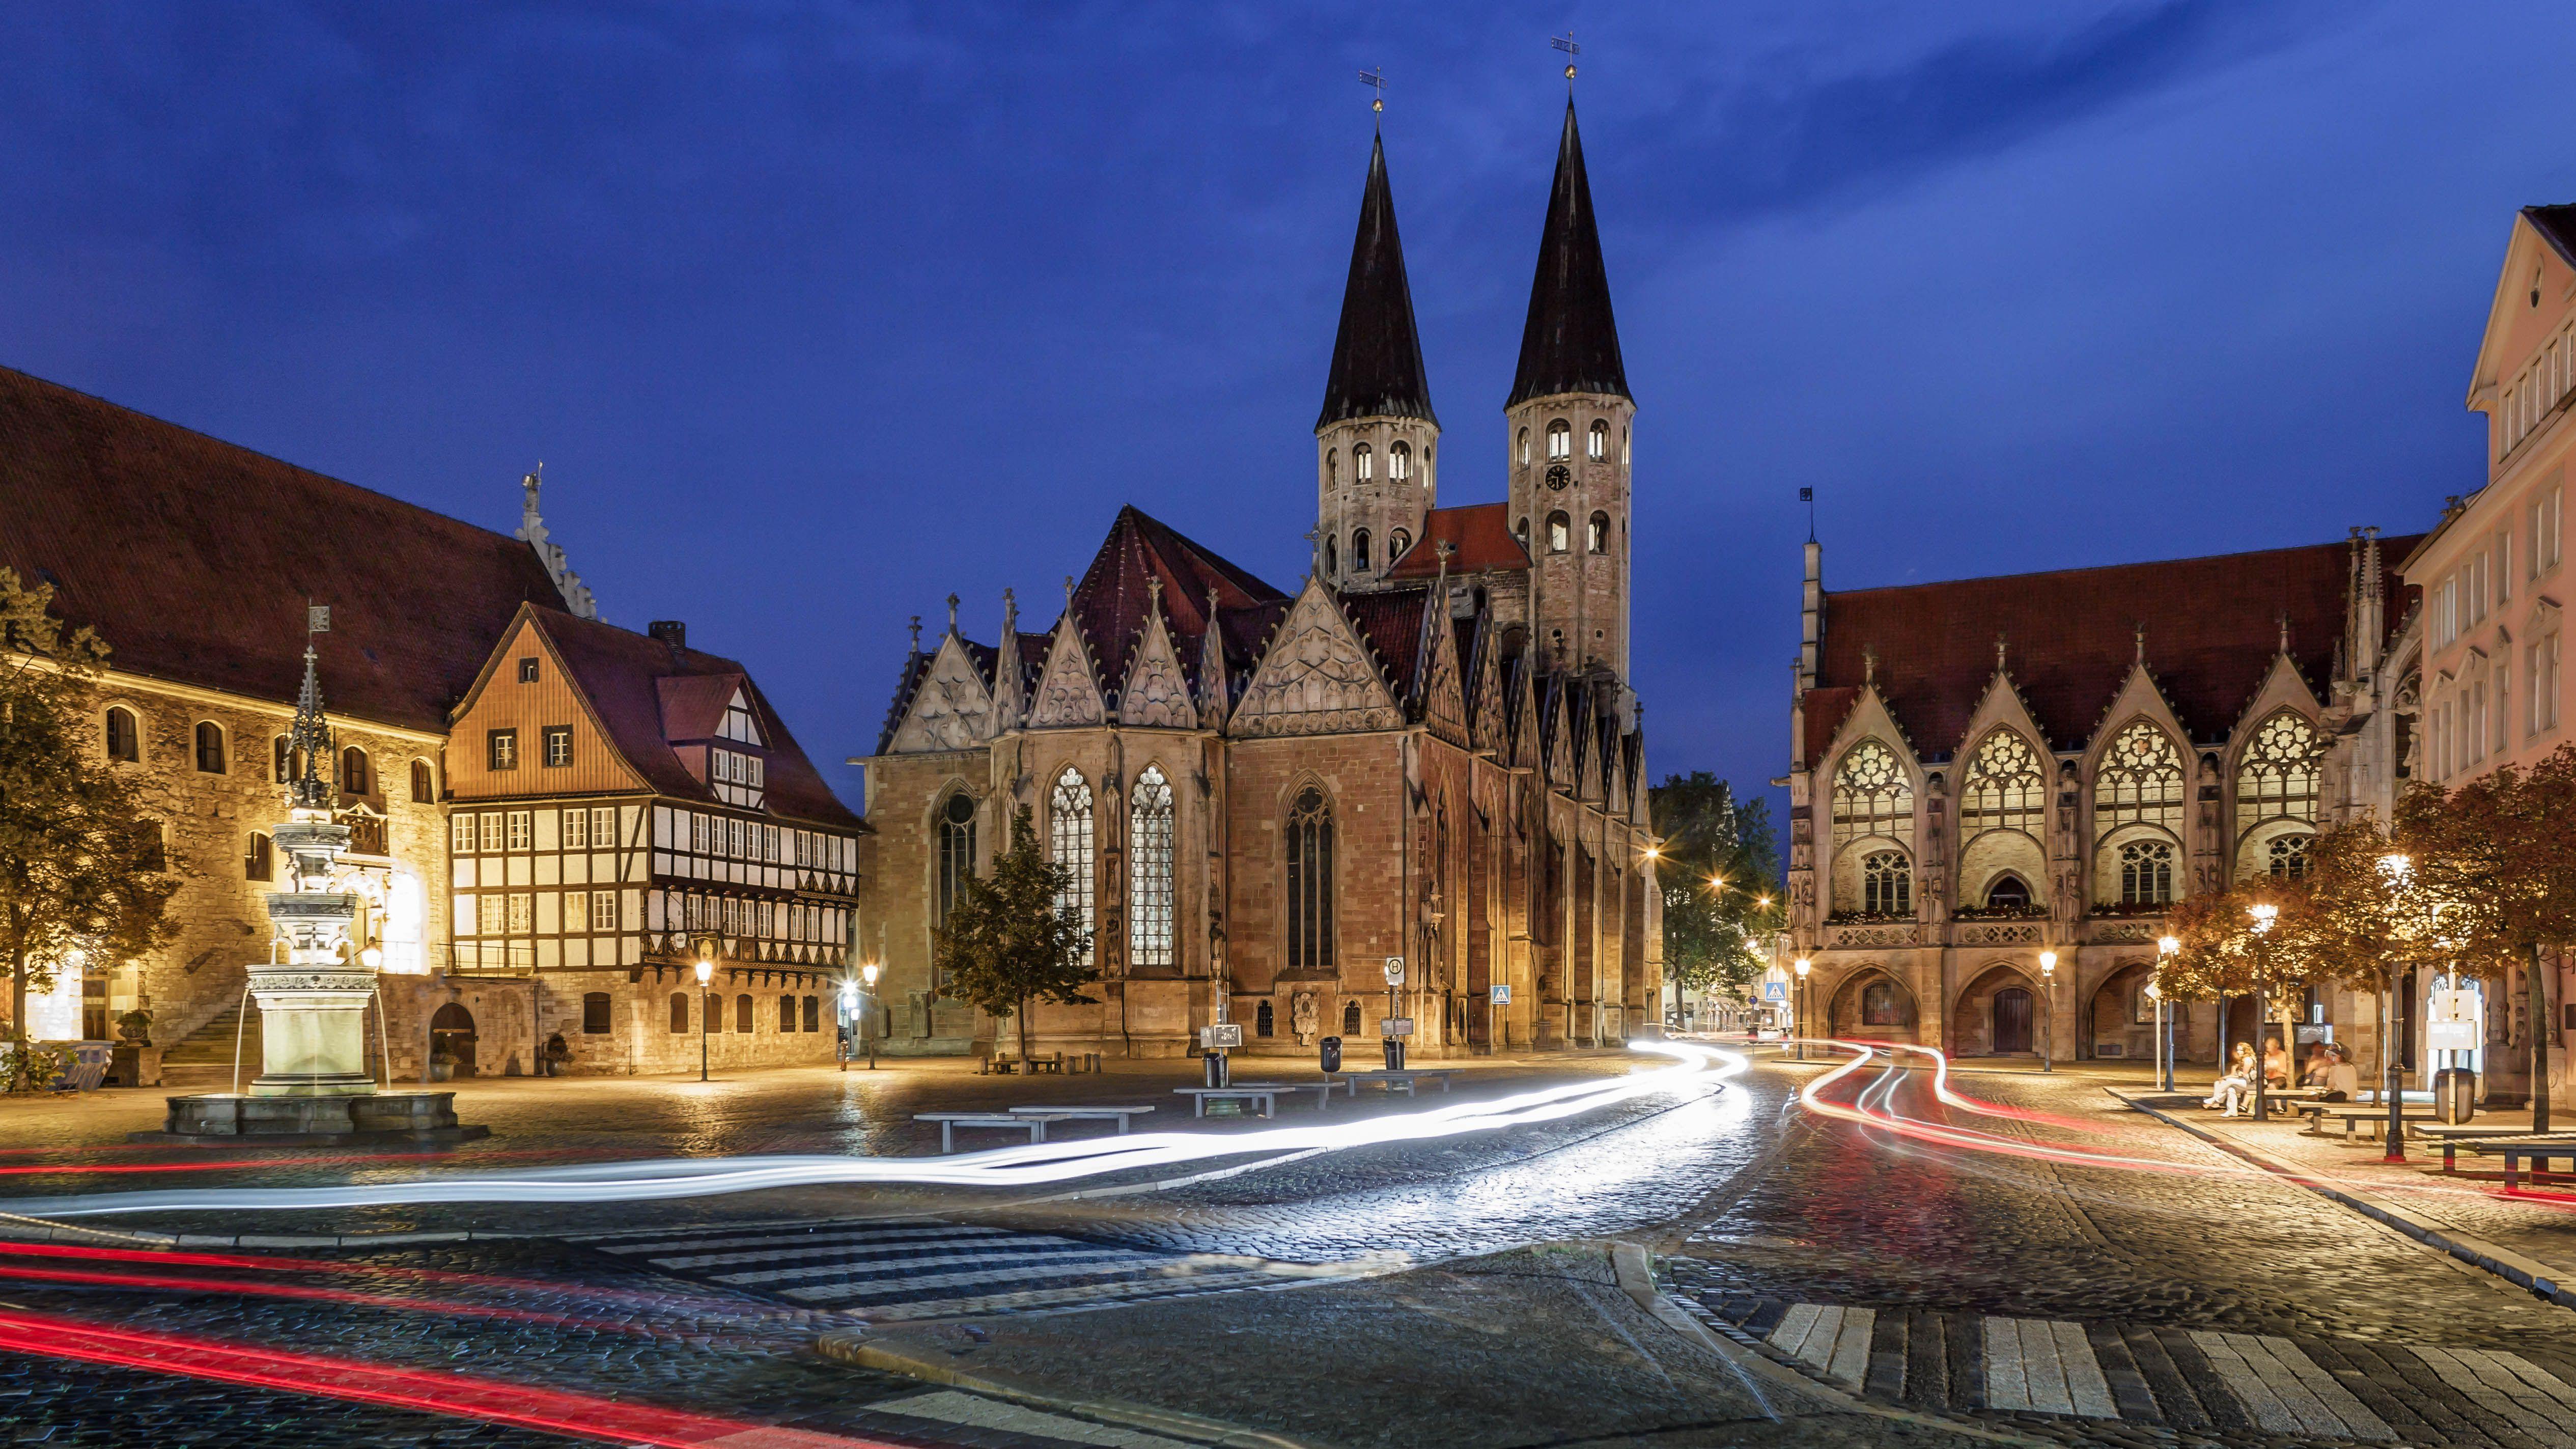 Die Historische Kulisse Des Altstadtmarkts In Braunschweig Sieht In Abendlicher Beleuchtung Besonders Magisch Aus Foto Braunsch Altstadt Innenstadt Tourismus